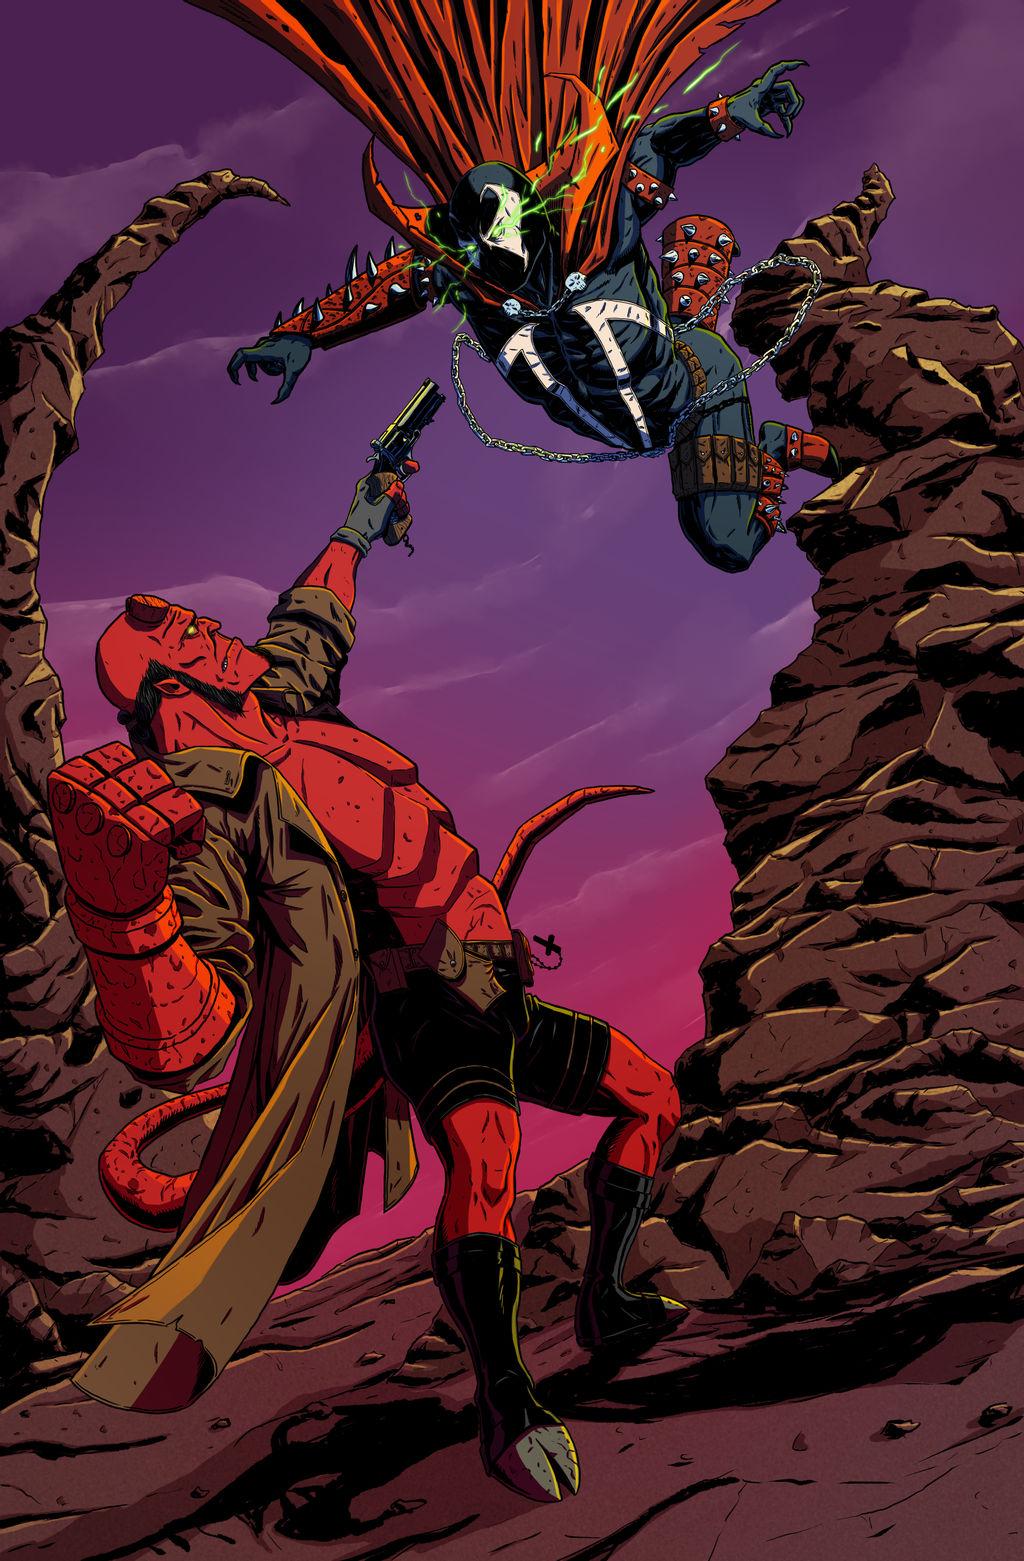 Hellboy vs. Spawn